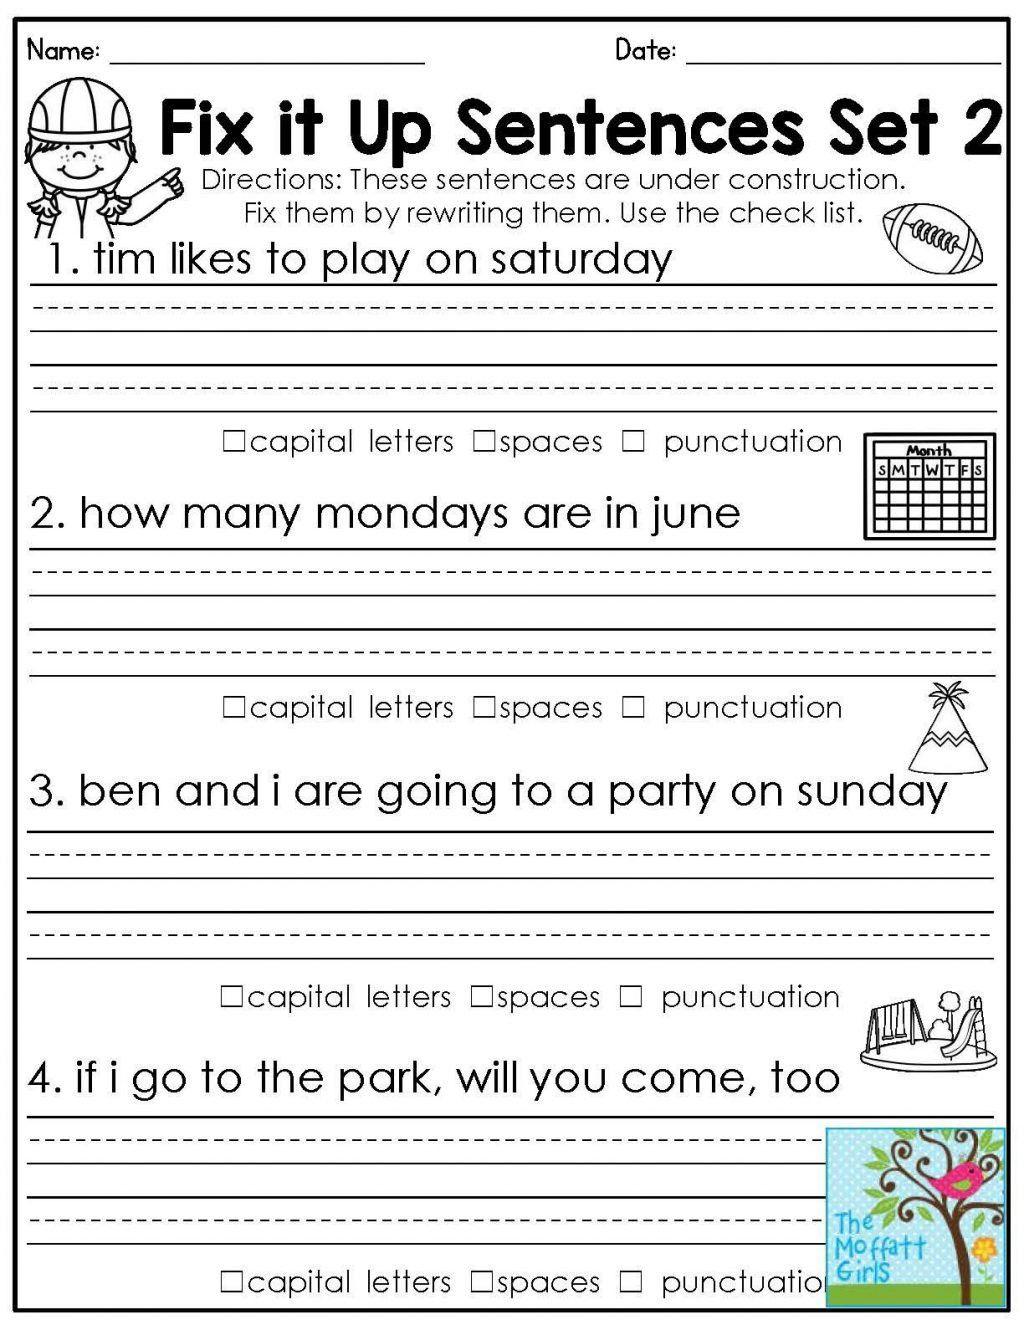 Scientific Method 3rd Grade Worksheet In 2020 2nd Grade Worksheets Punctuation Worksheets Third Grade Grammar Worksheets